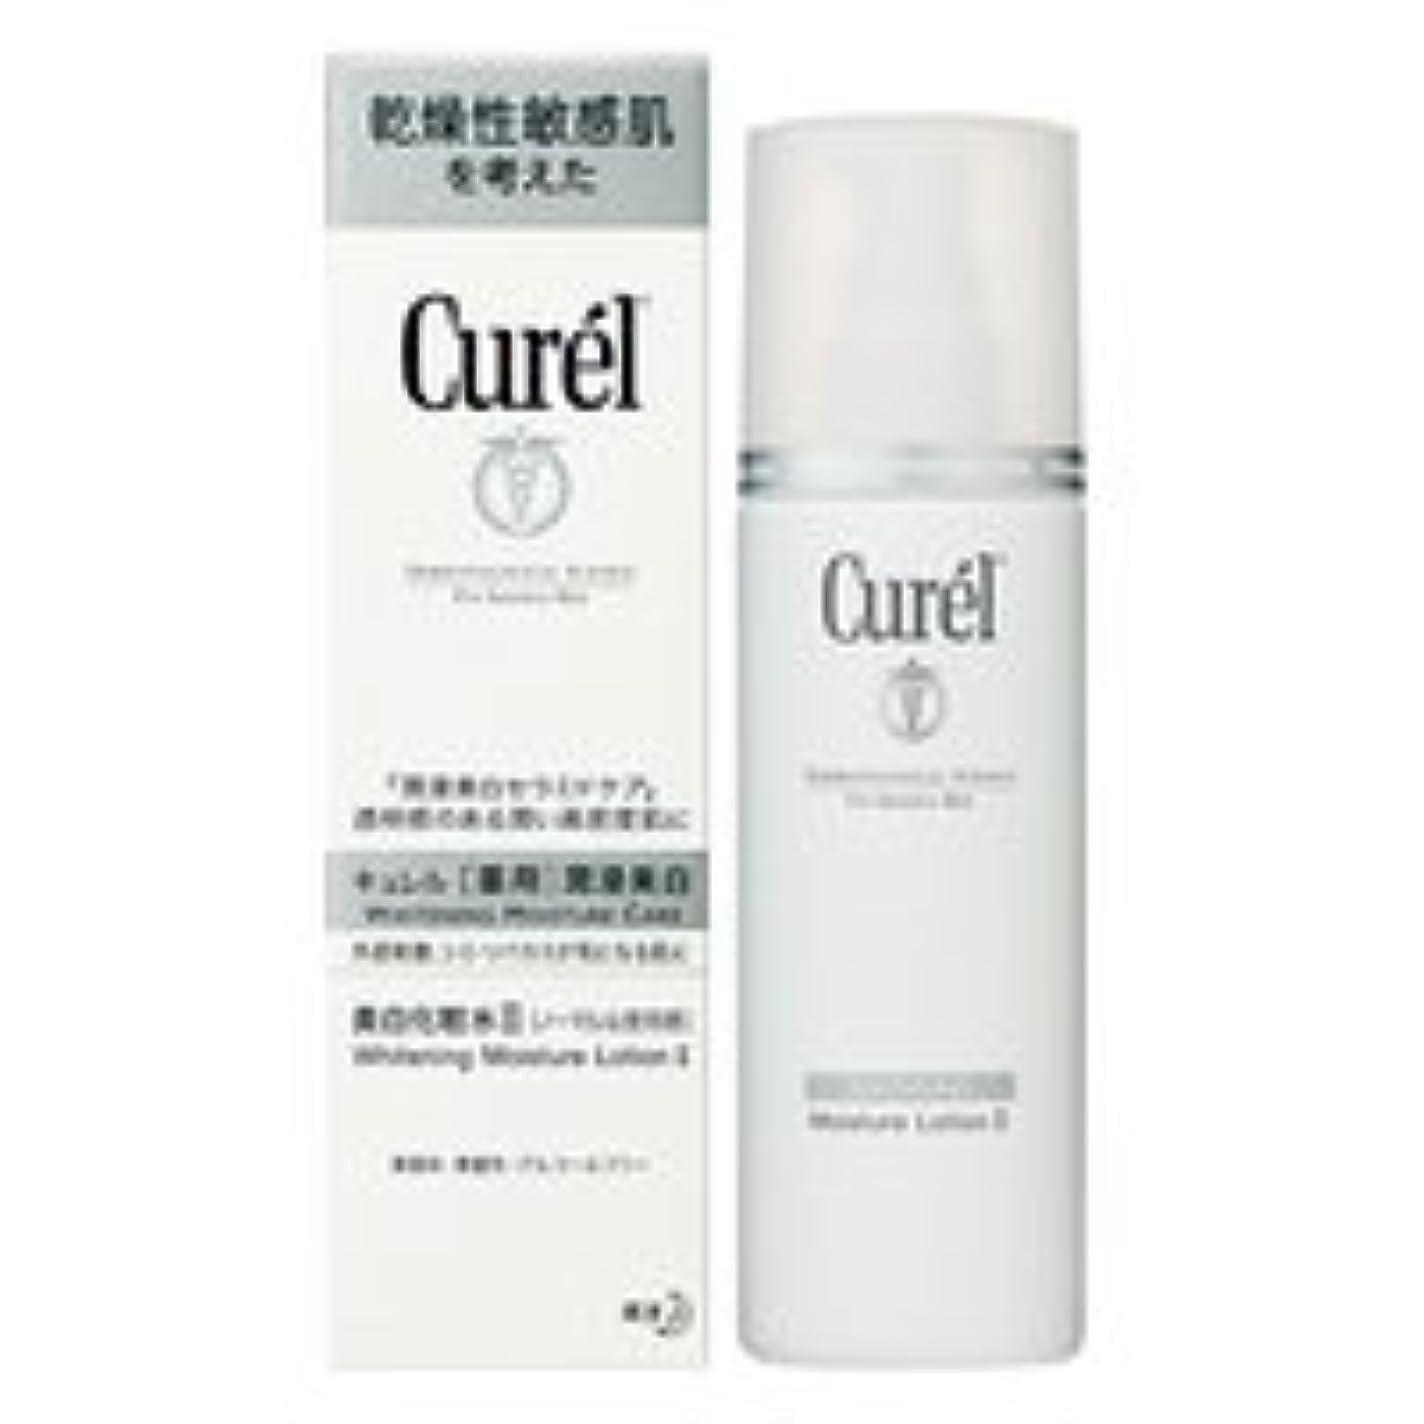 クリーナー作る静けさ花王 キュレル美白化粧水2(ノーマルな使用感)